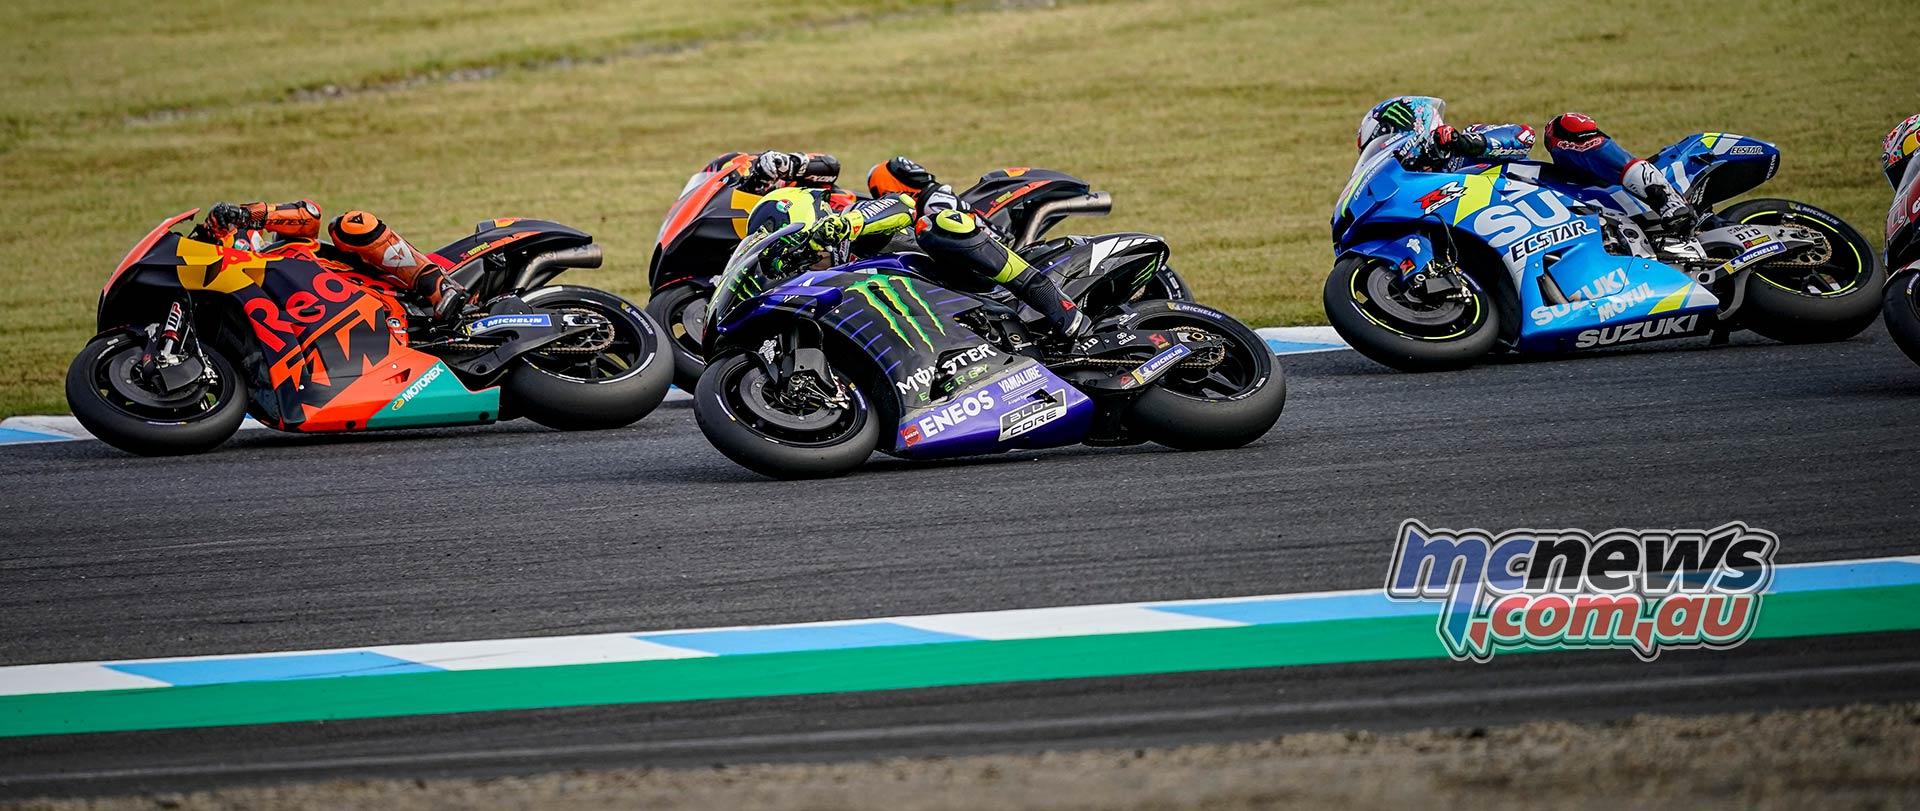 MotoGP Motegi Rossi Pack